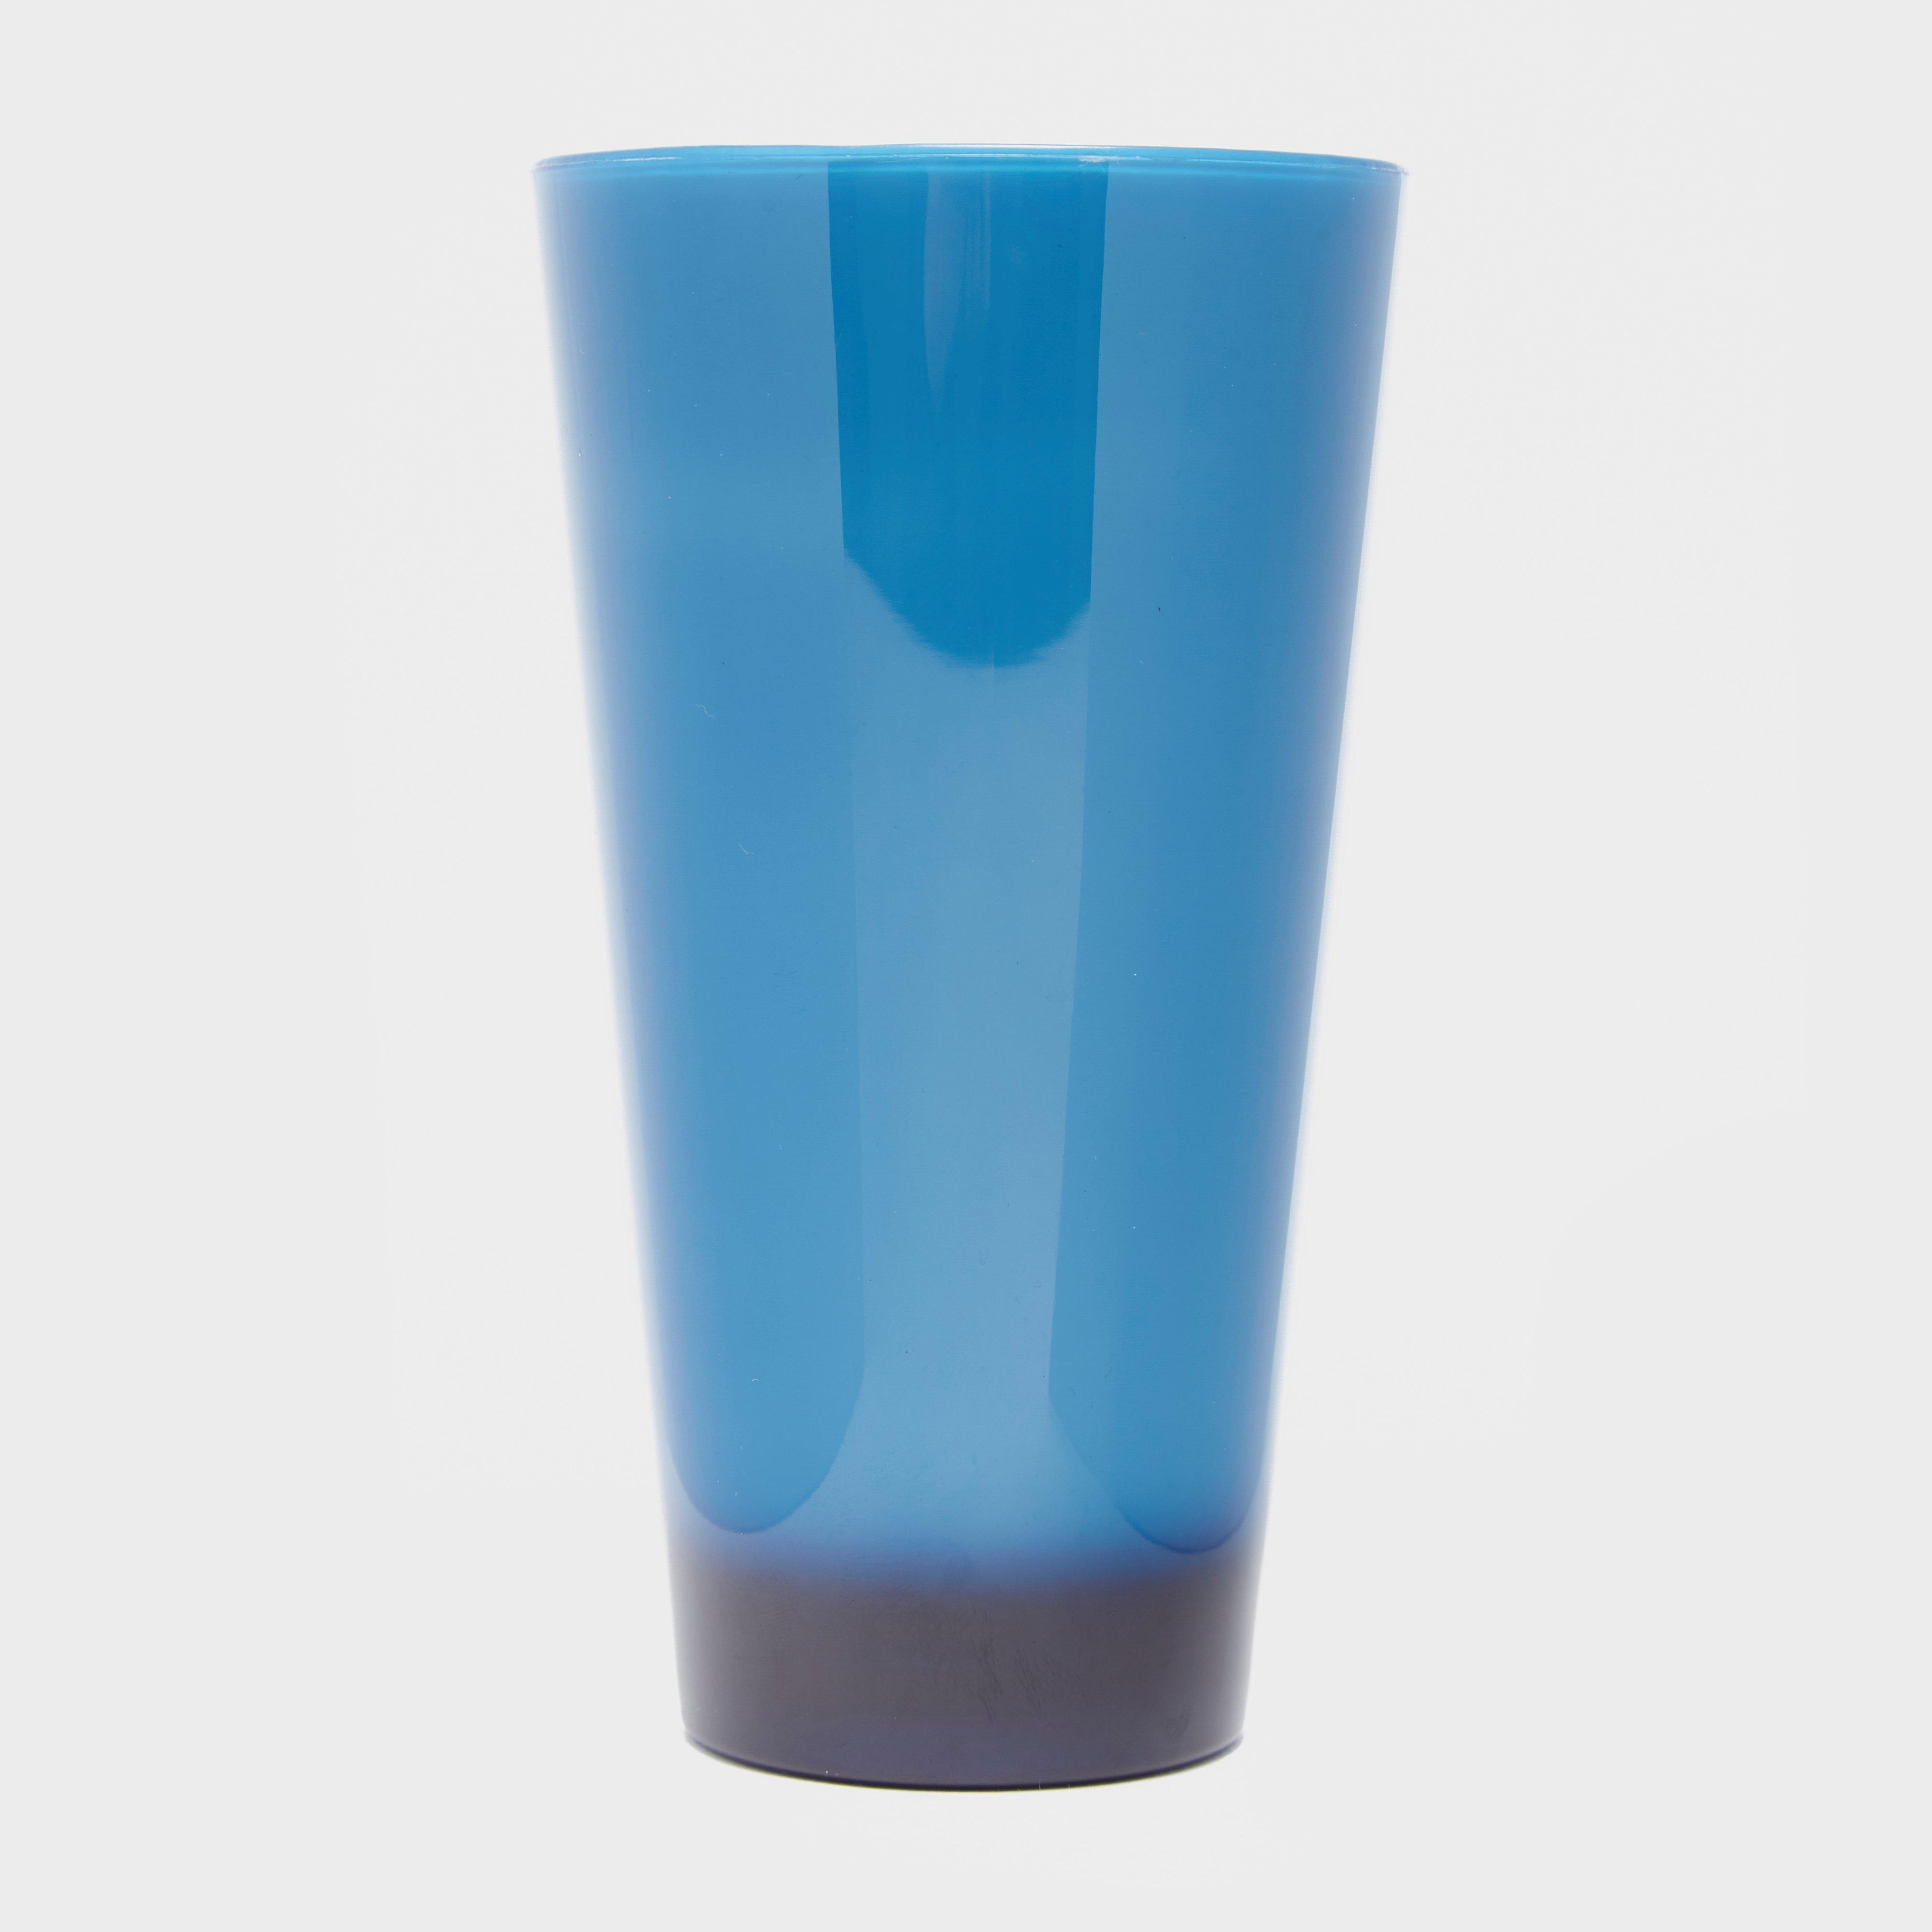 HI-GEAR Deluxe Plastic Tumbler, Blue/BBL